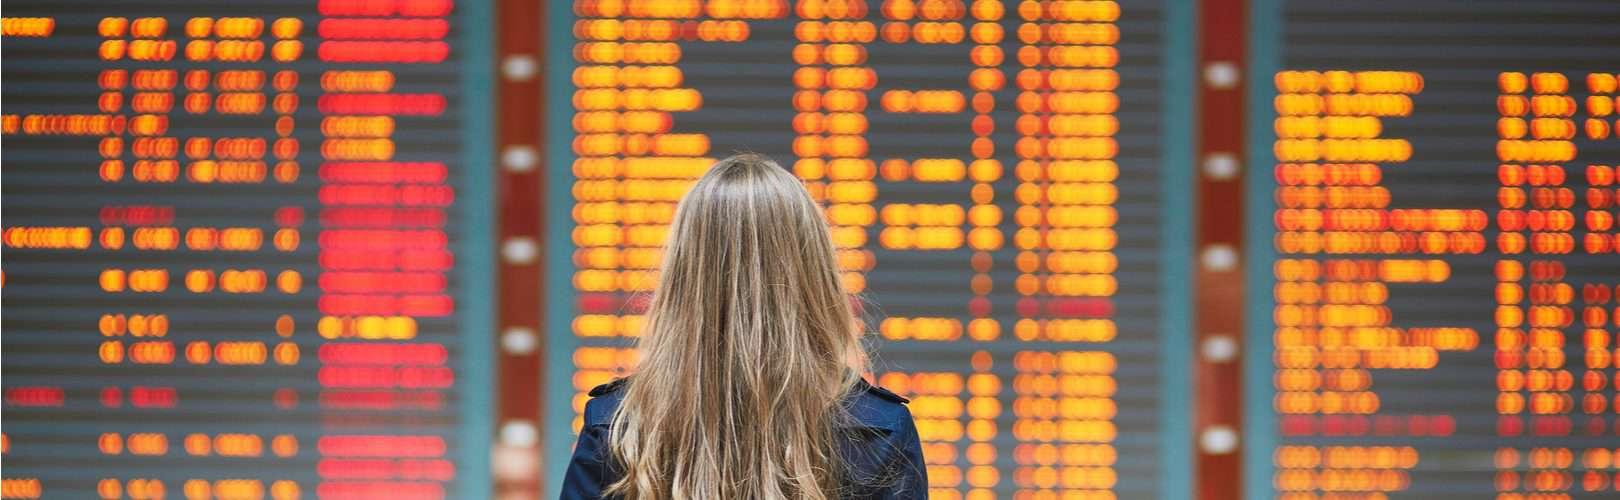 Entschaedigung bei Flugverspaetung mit Blick auf eine Flughafenanzeigetafel